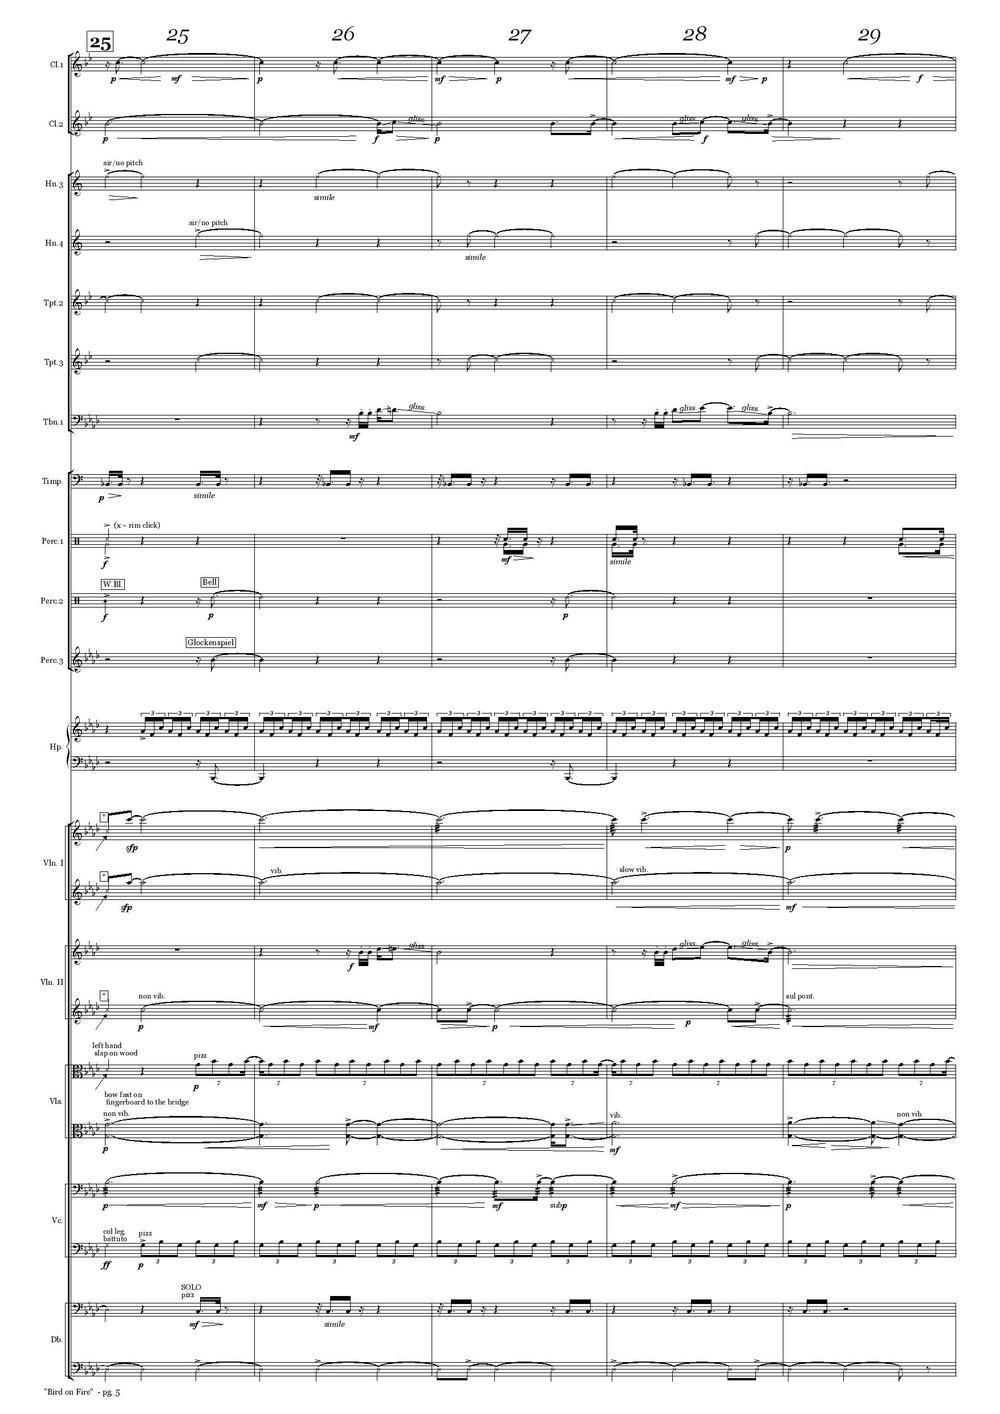 Bird on Fire - score-page-008.jpg